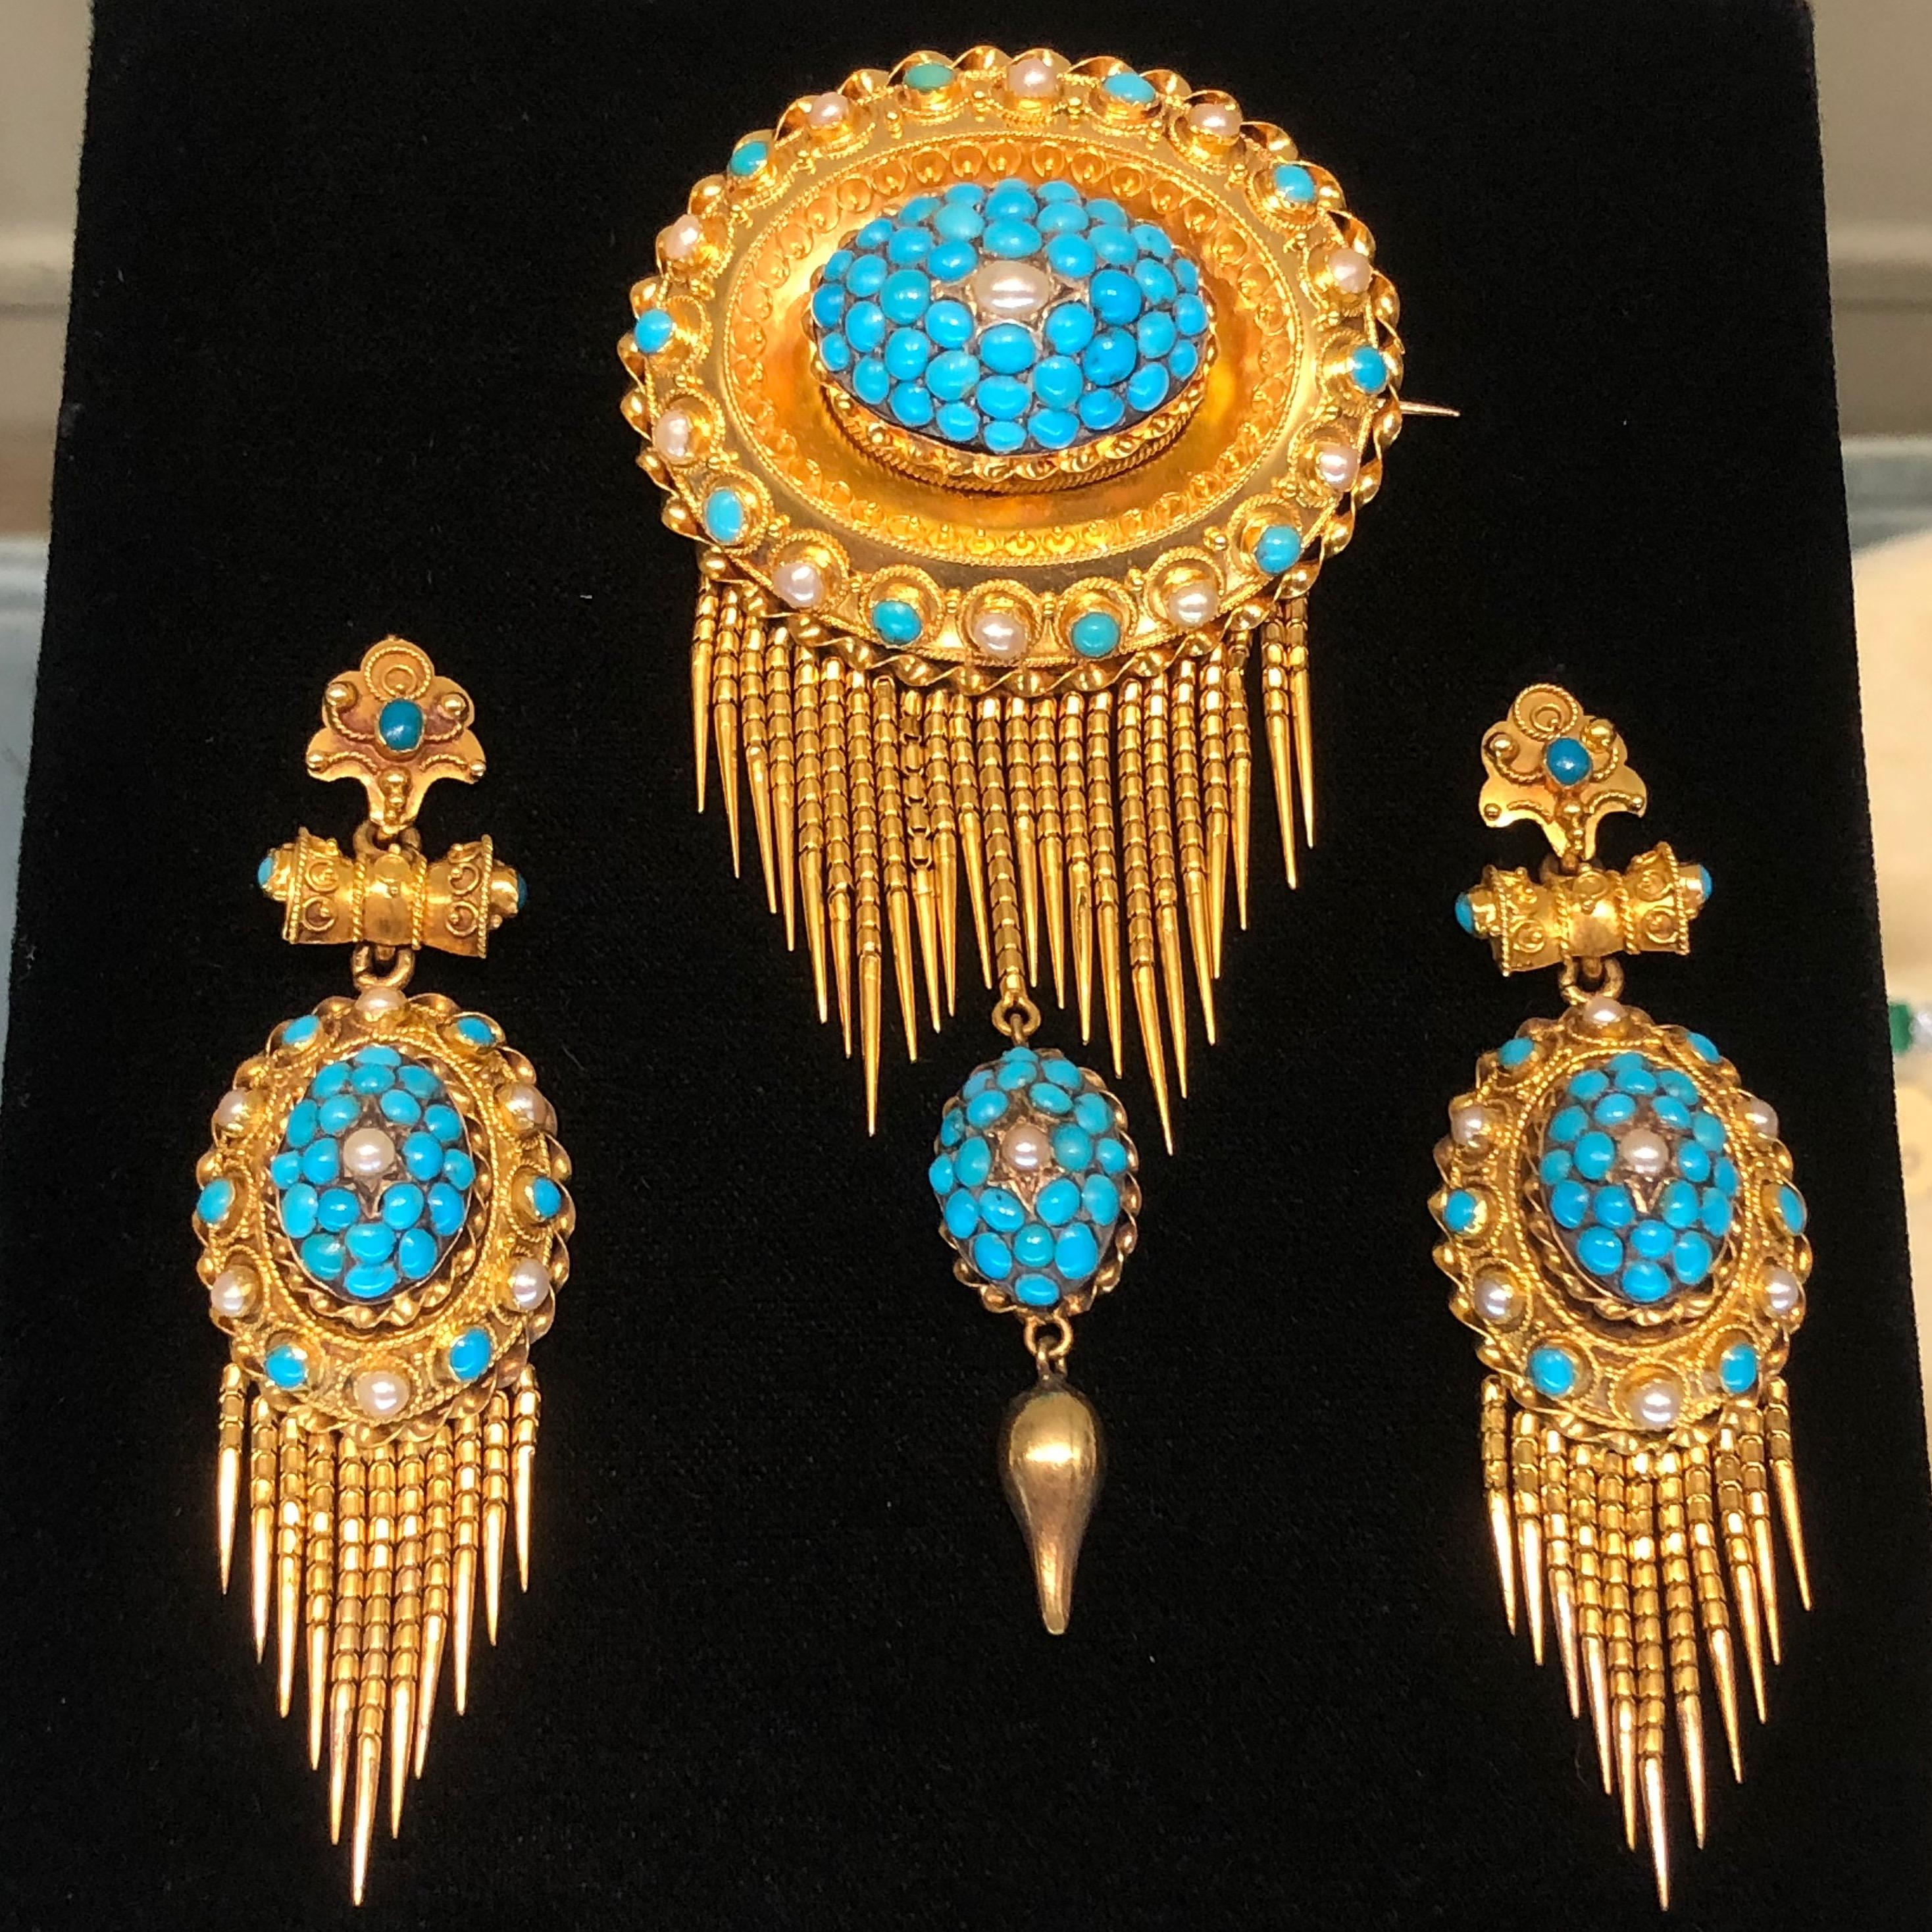 e6261ce43c64a Antique Victorian turquoise